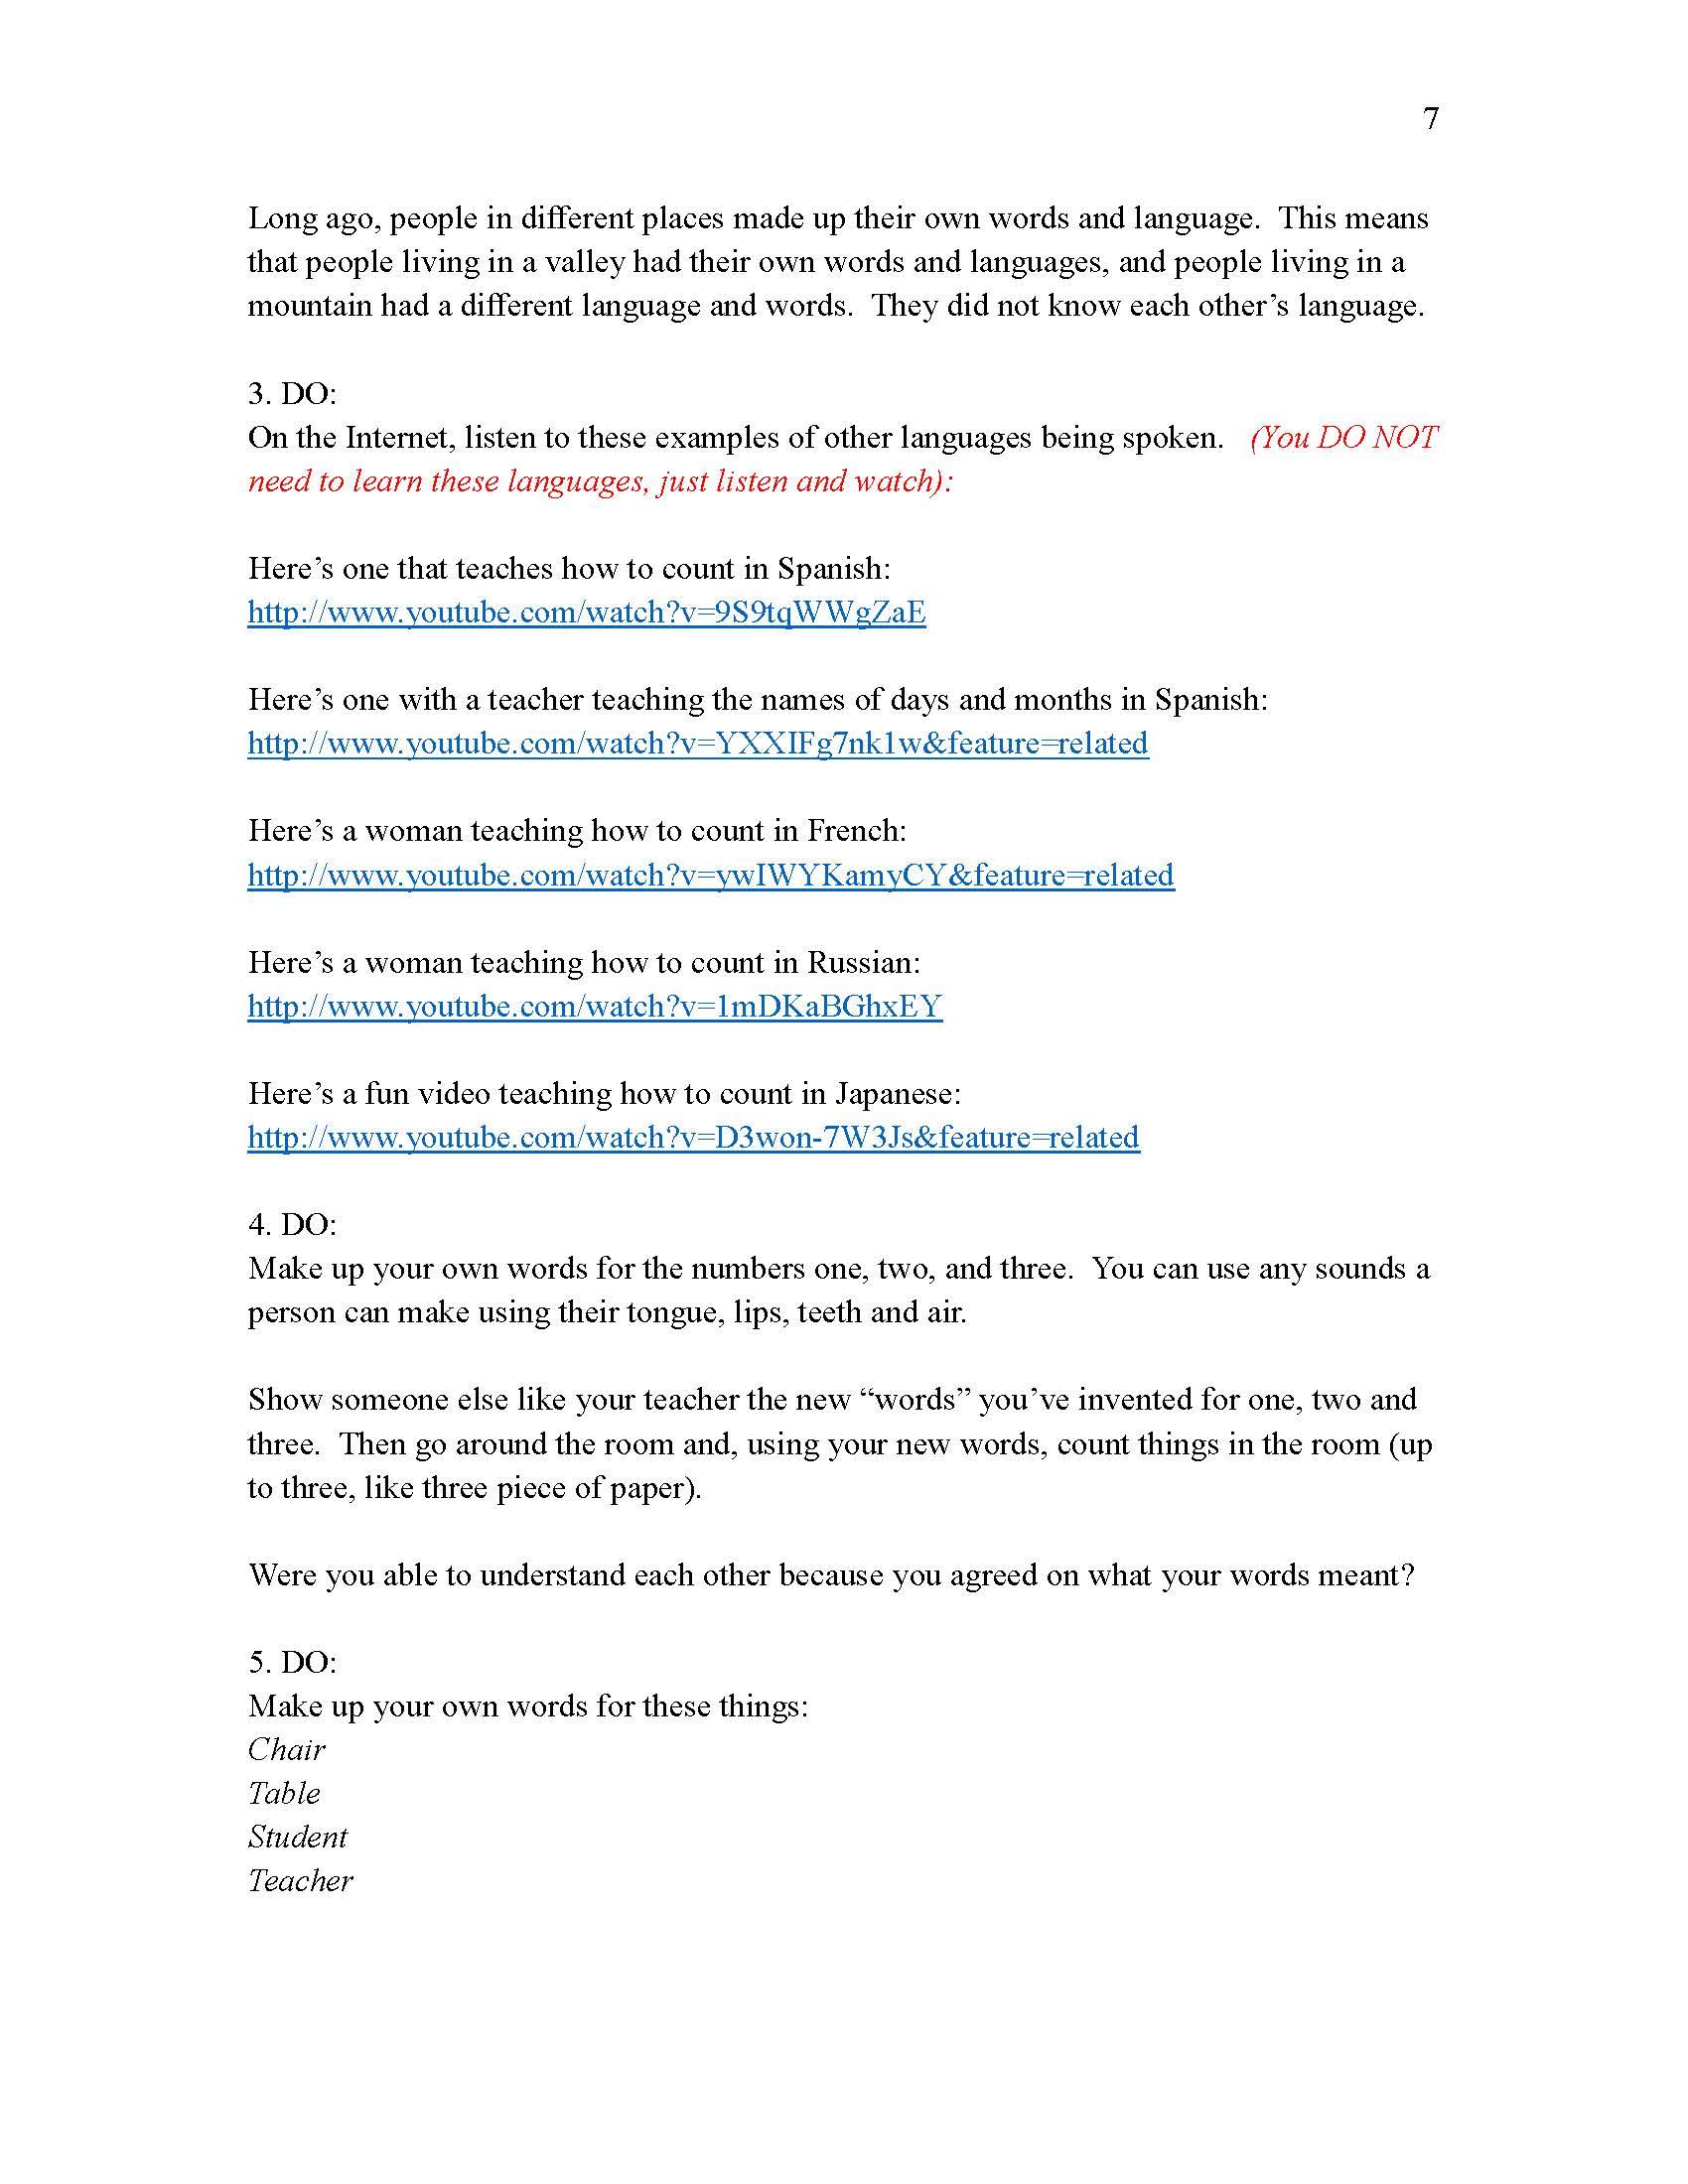 Step 2 Creative Writing 2_Page_08.jpg